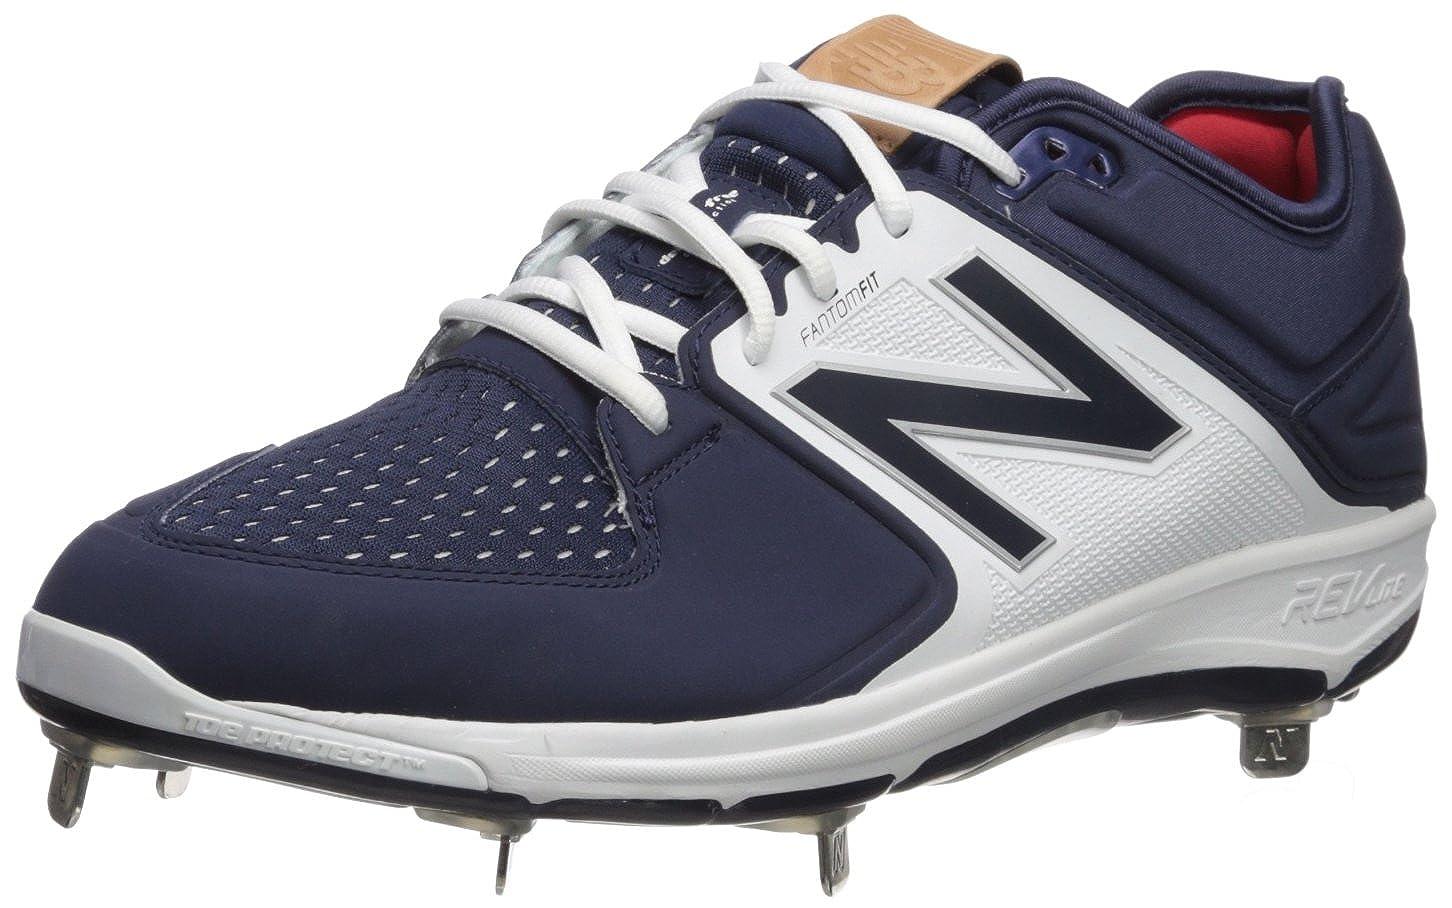 (ニューバランス) New Balance メンズ L3000v3 野球スパイクシューズ B019EEOAP8 8 2E US|ネイビー/ホワイト ネイビー/ホワイト 8 2E US